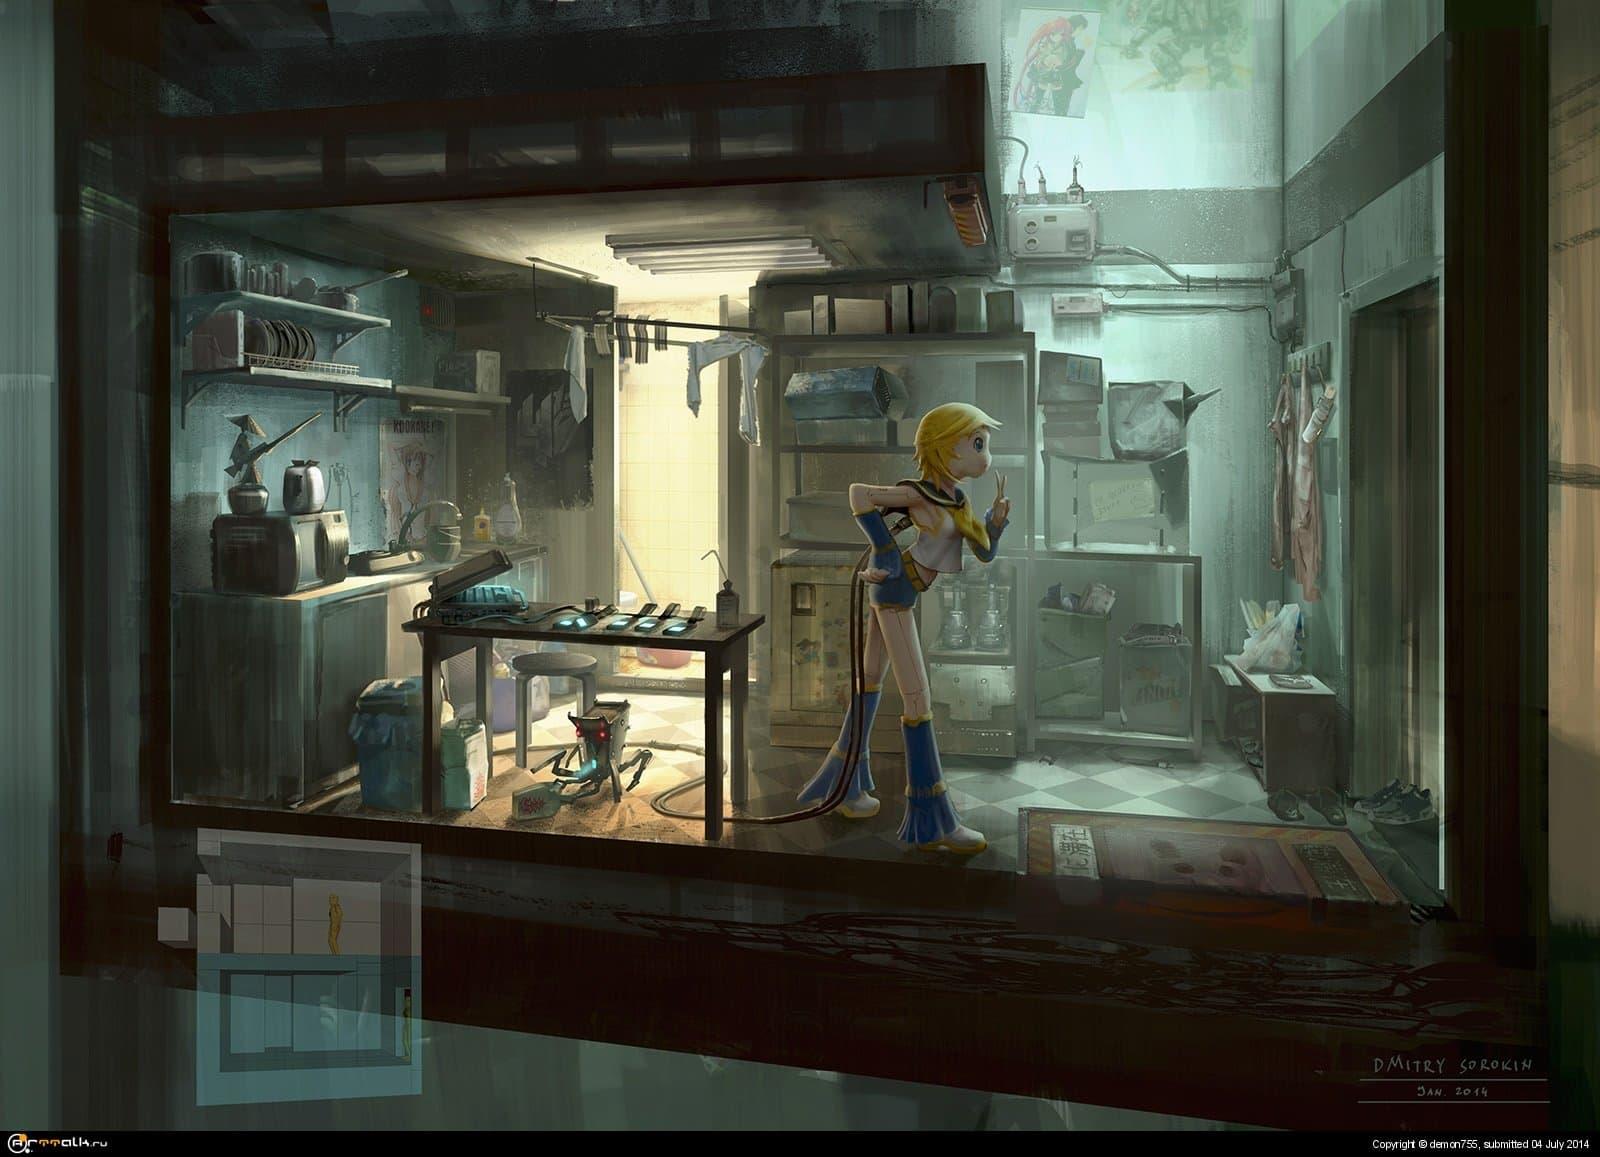 Cyberpunk. Otaku Place, Kitchen